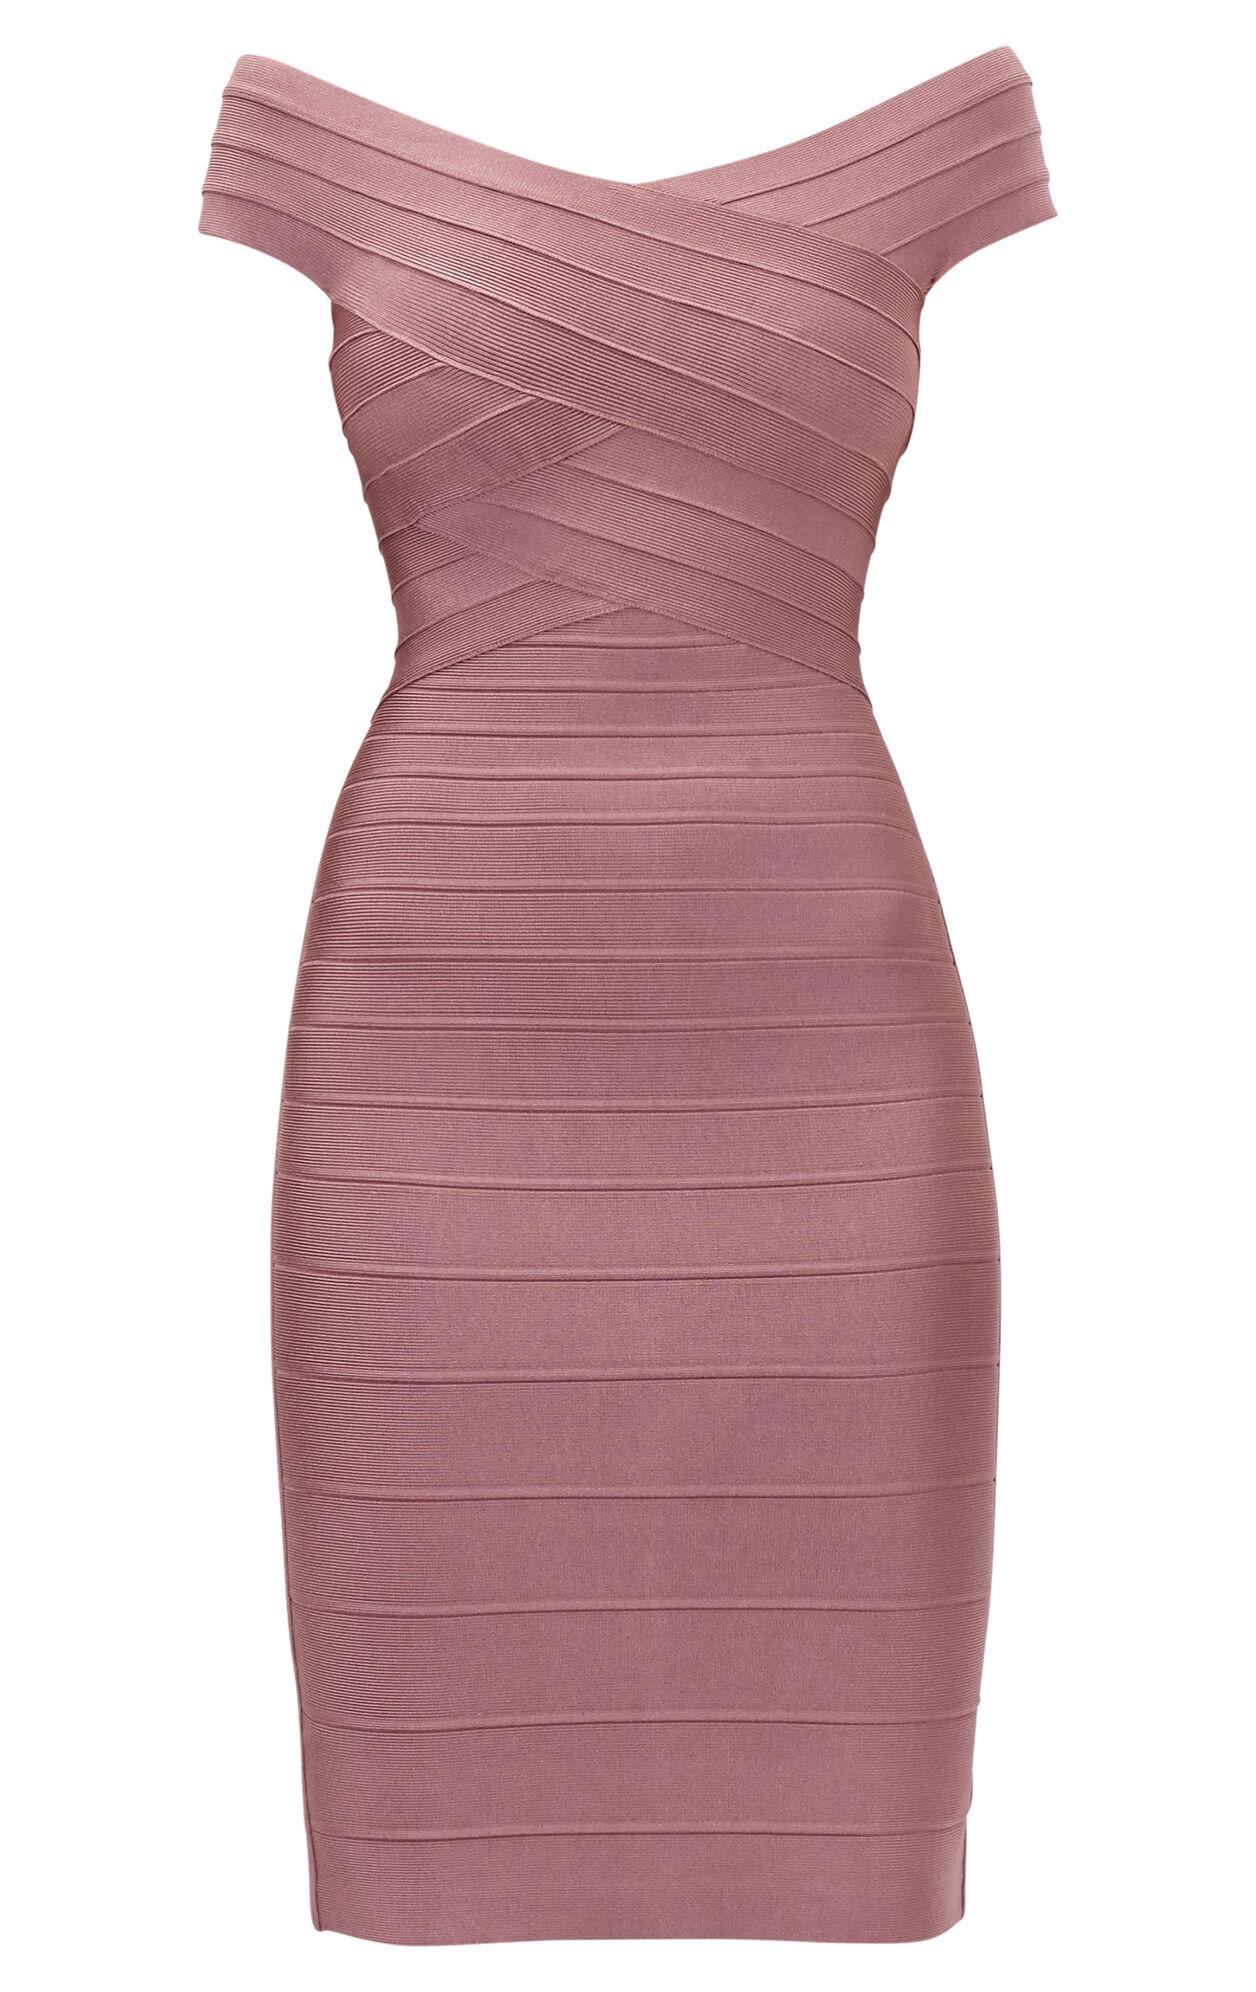 Tayler Novelty Essentials Bandage Dress